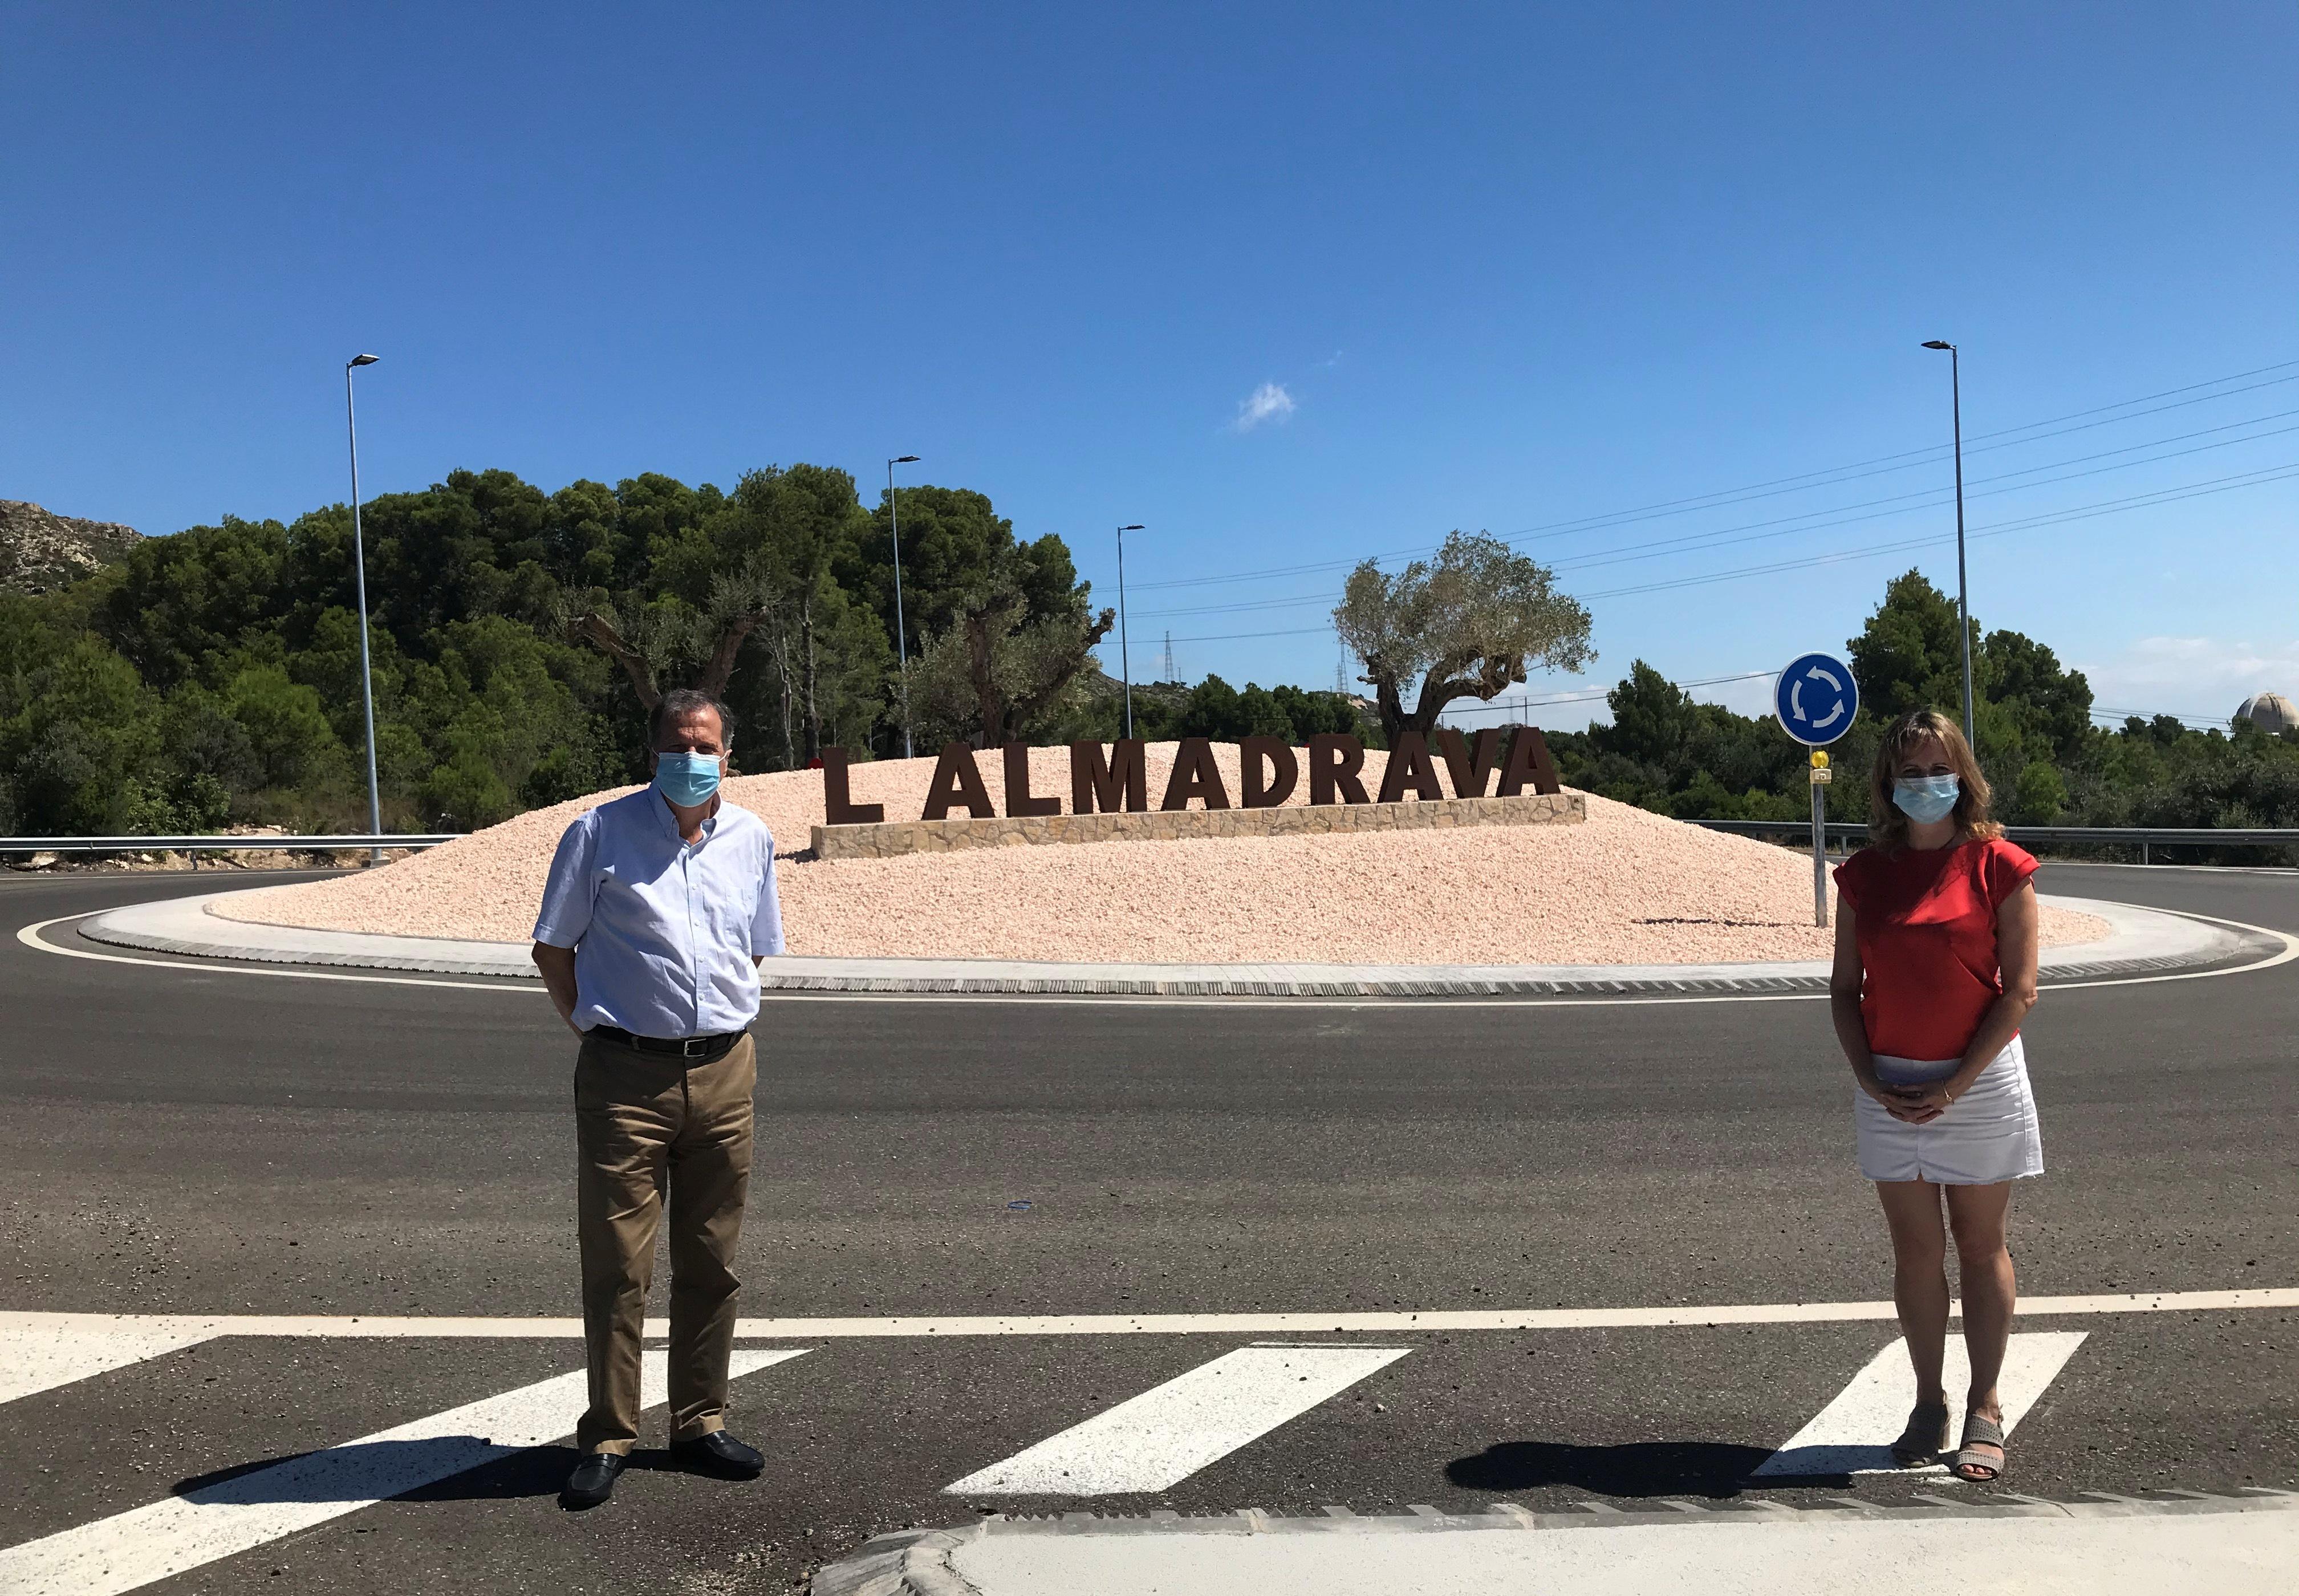 L'Ajuntament de Vandellòs i l'Hospitalet de l'Infant ha decorat la nova rotonda d'accés a l'Almadrava